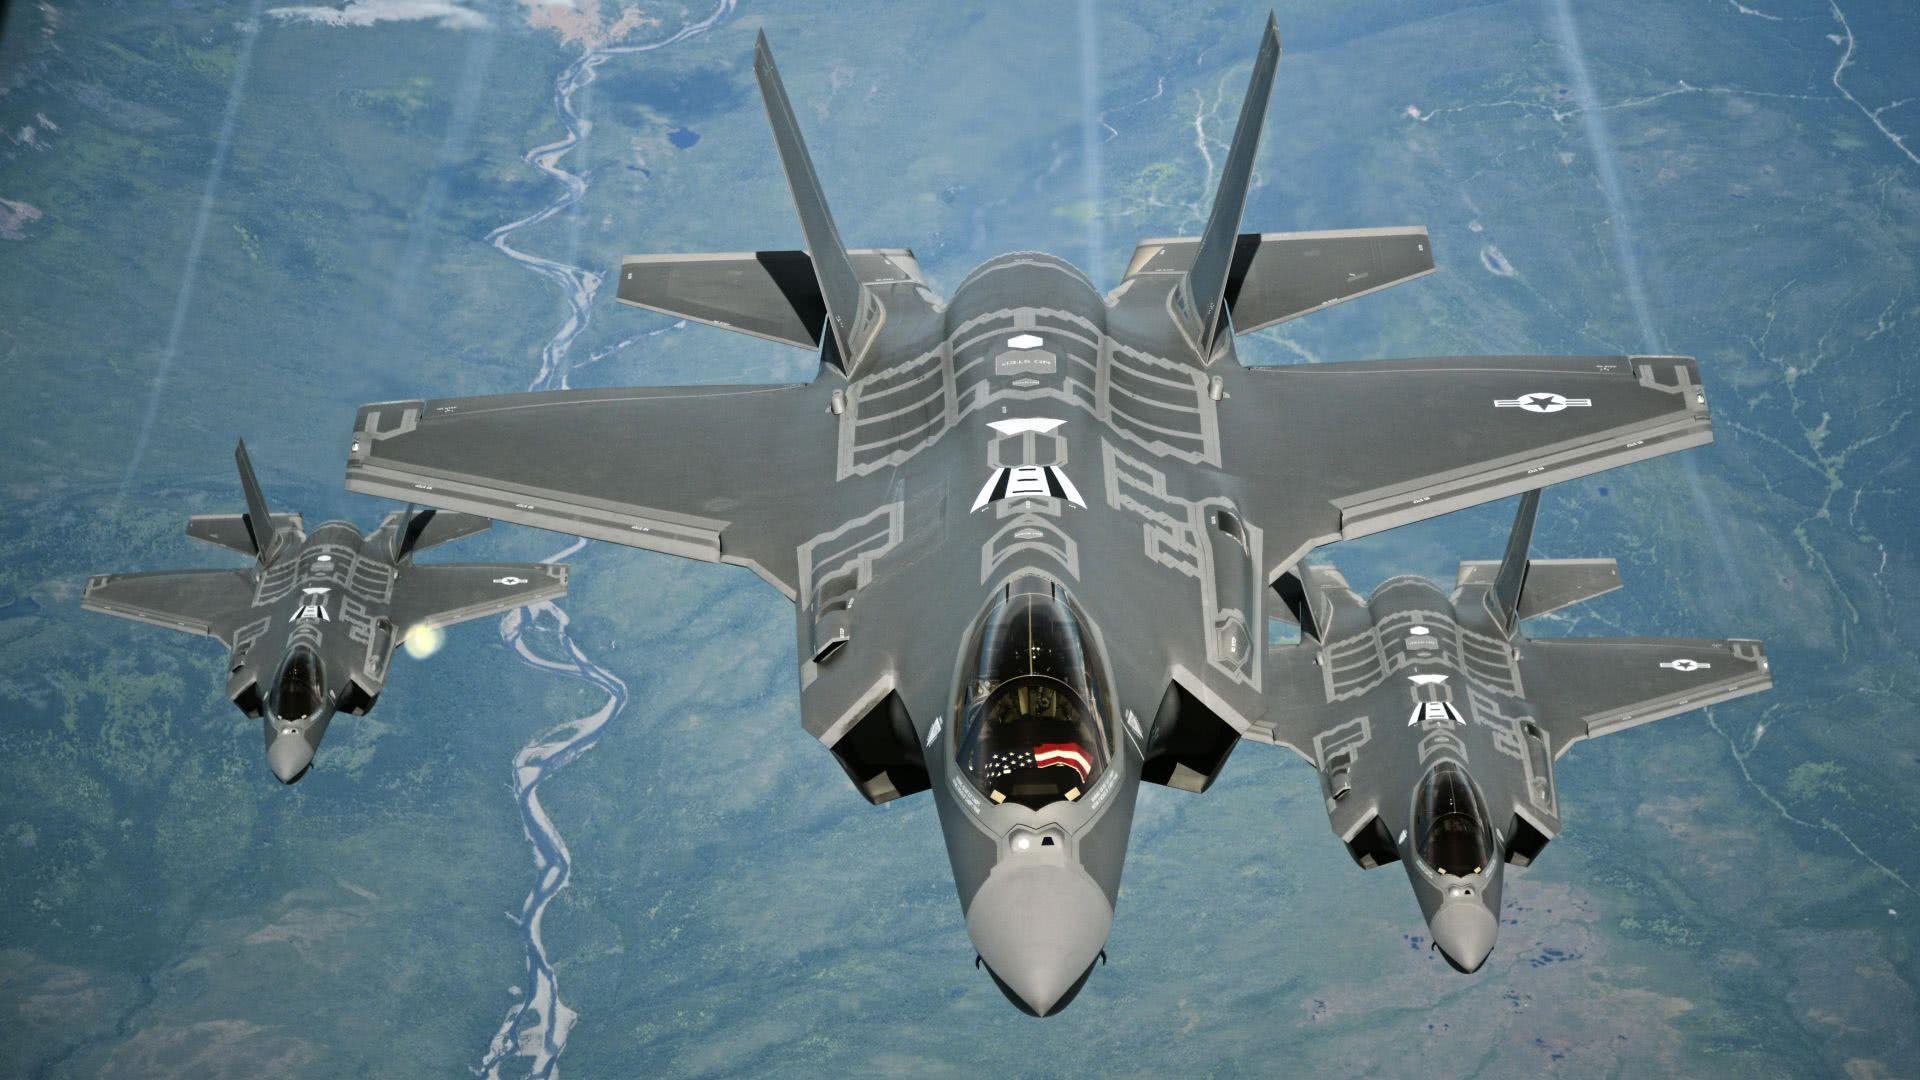 首架韩国F35目标歼20?美军2个坏消息让韩军头